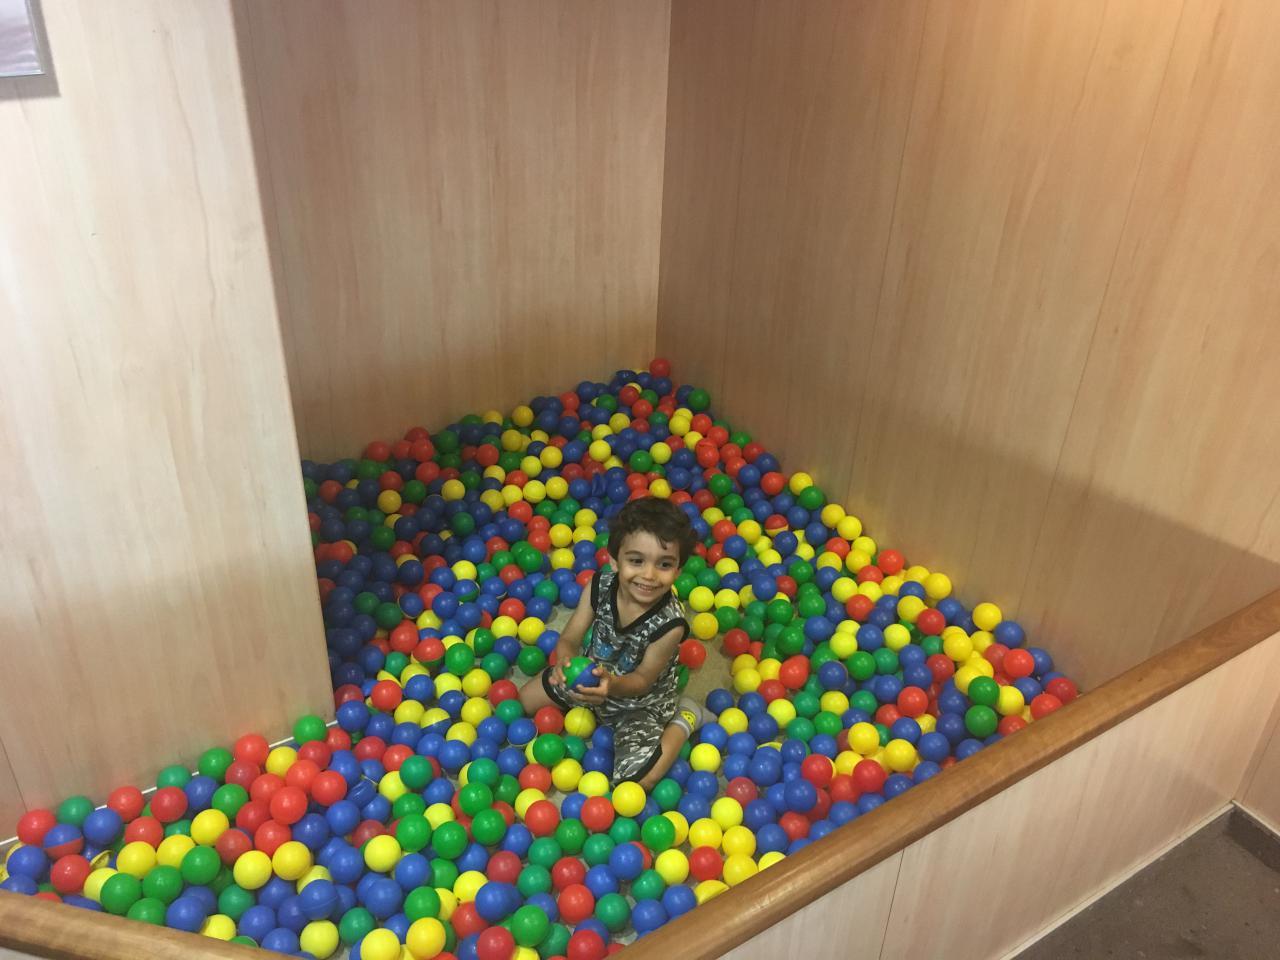 اتاق بازی کودک کشتی سوپرفست